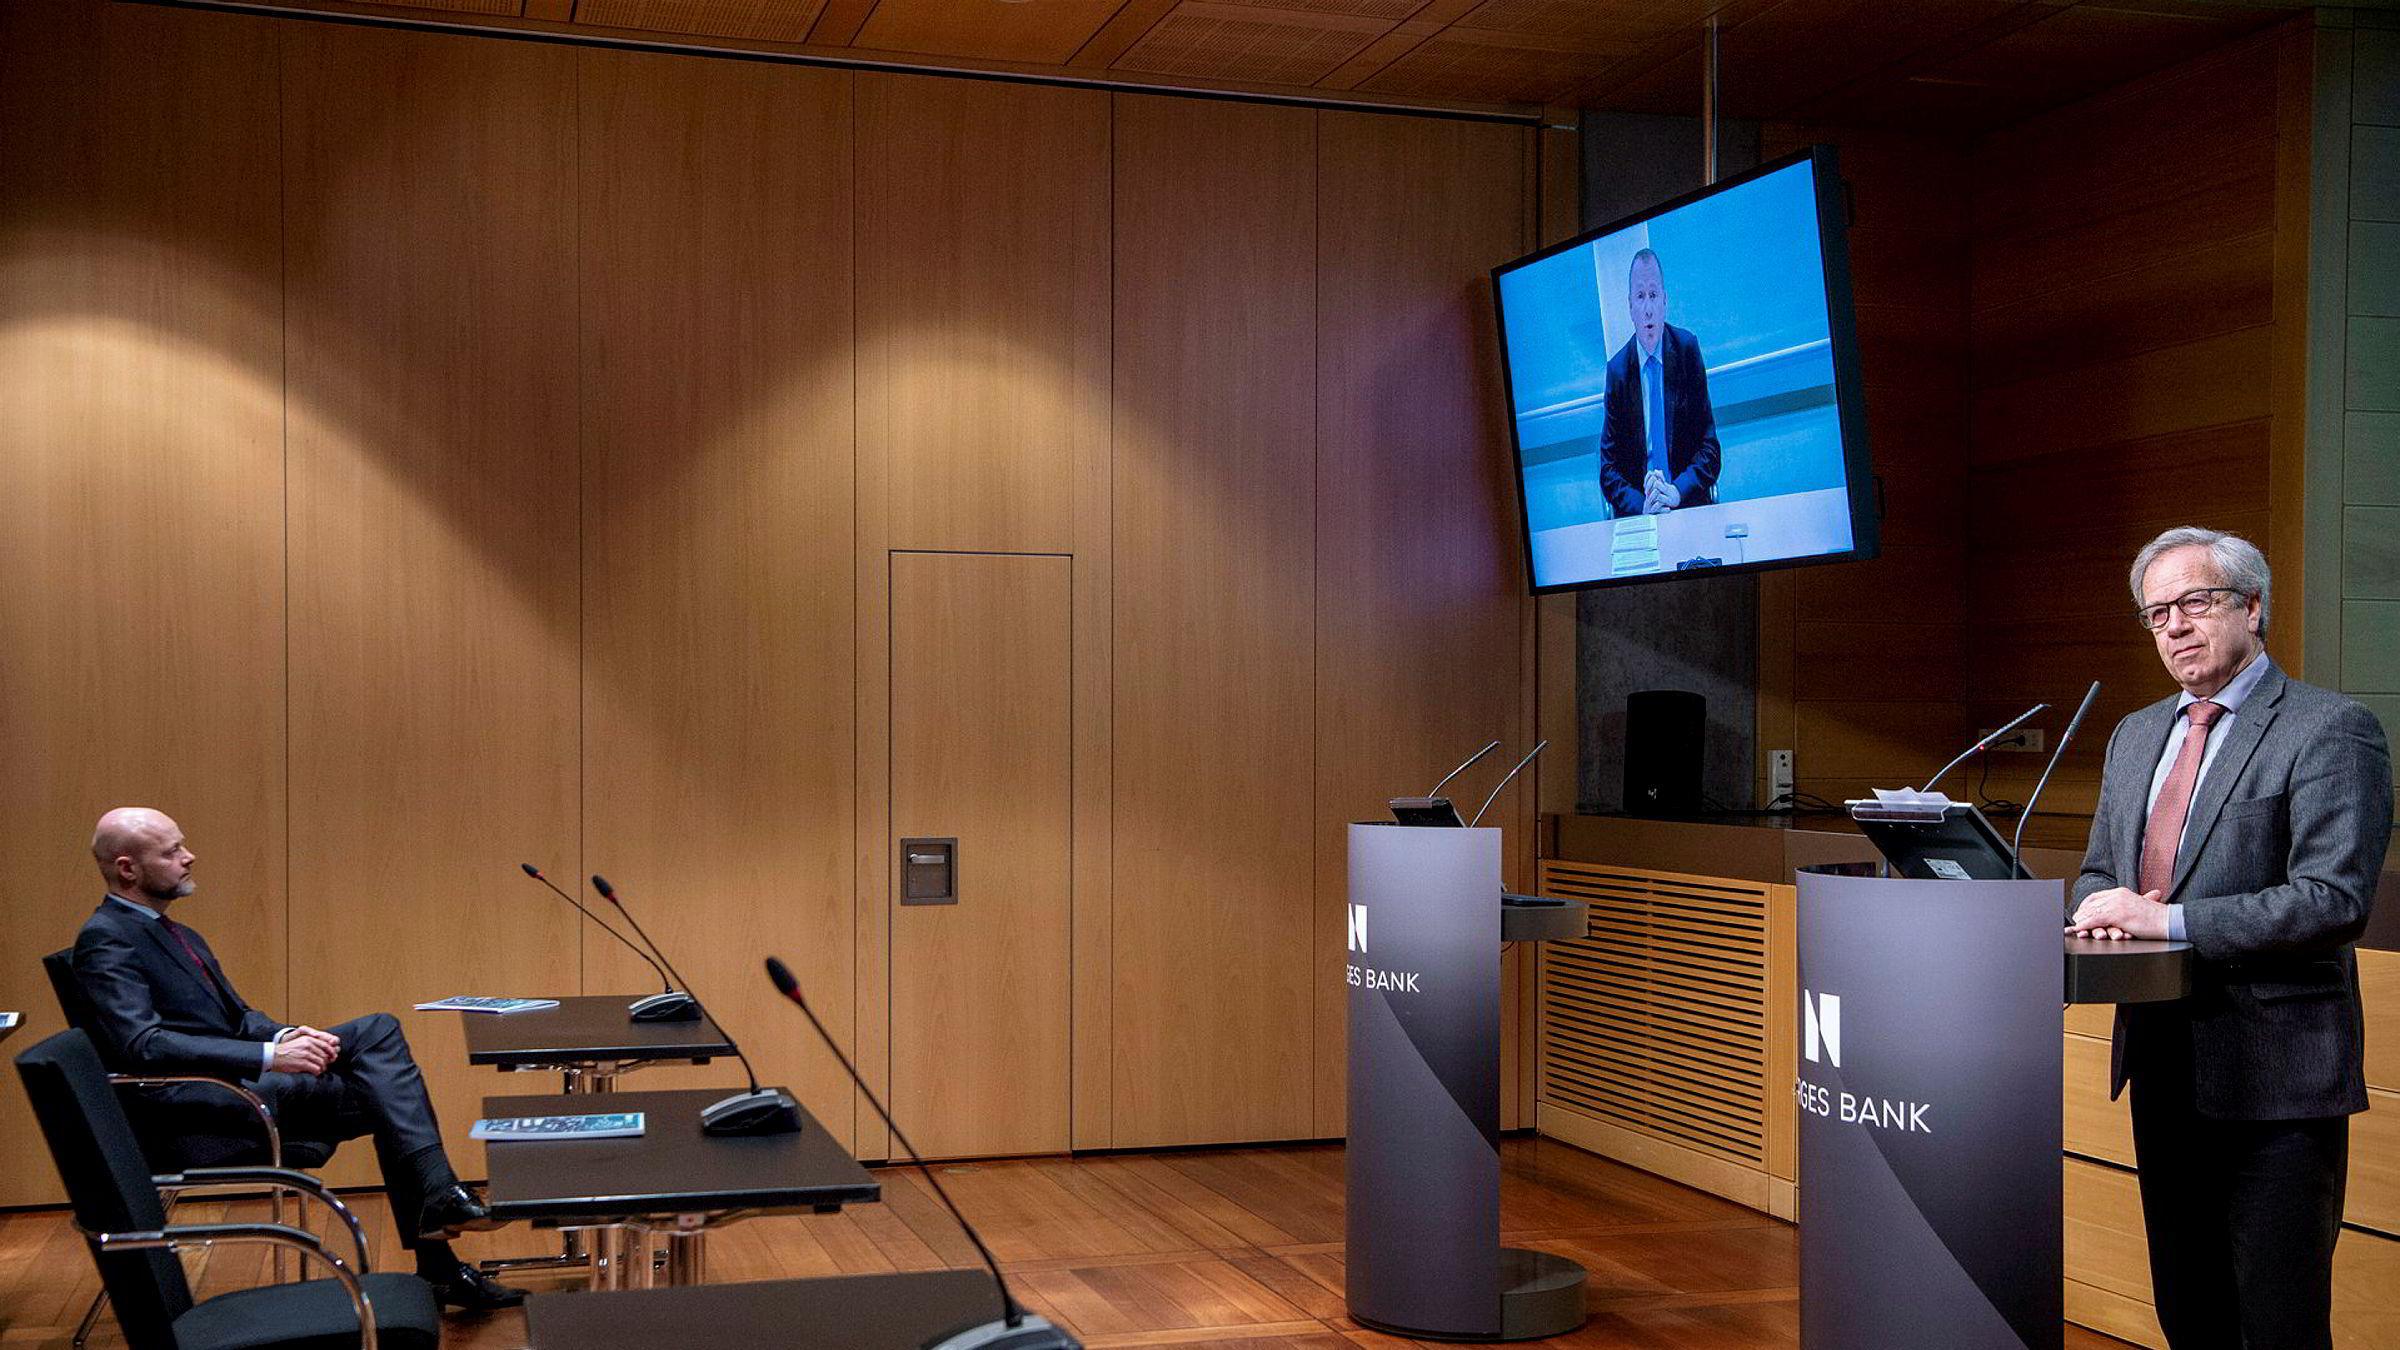 Øystein Olsen (til høyre) må svare på en rekke spørsmål knyttet til ansettelsen av Nicolai Tangen (på skjerm) som ny sjef for Oljefondet. Avtroppende sjef Yngve Slyngstad undersøkes av Norges Banks avdeling for etterlevelse av det etiske regelverket.